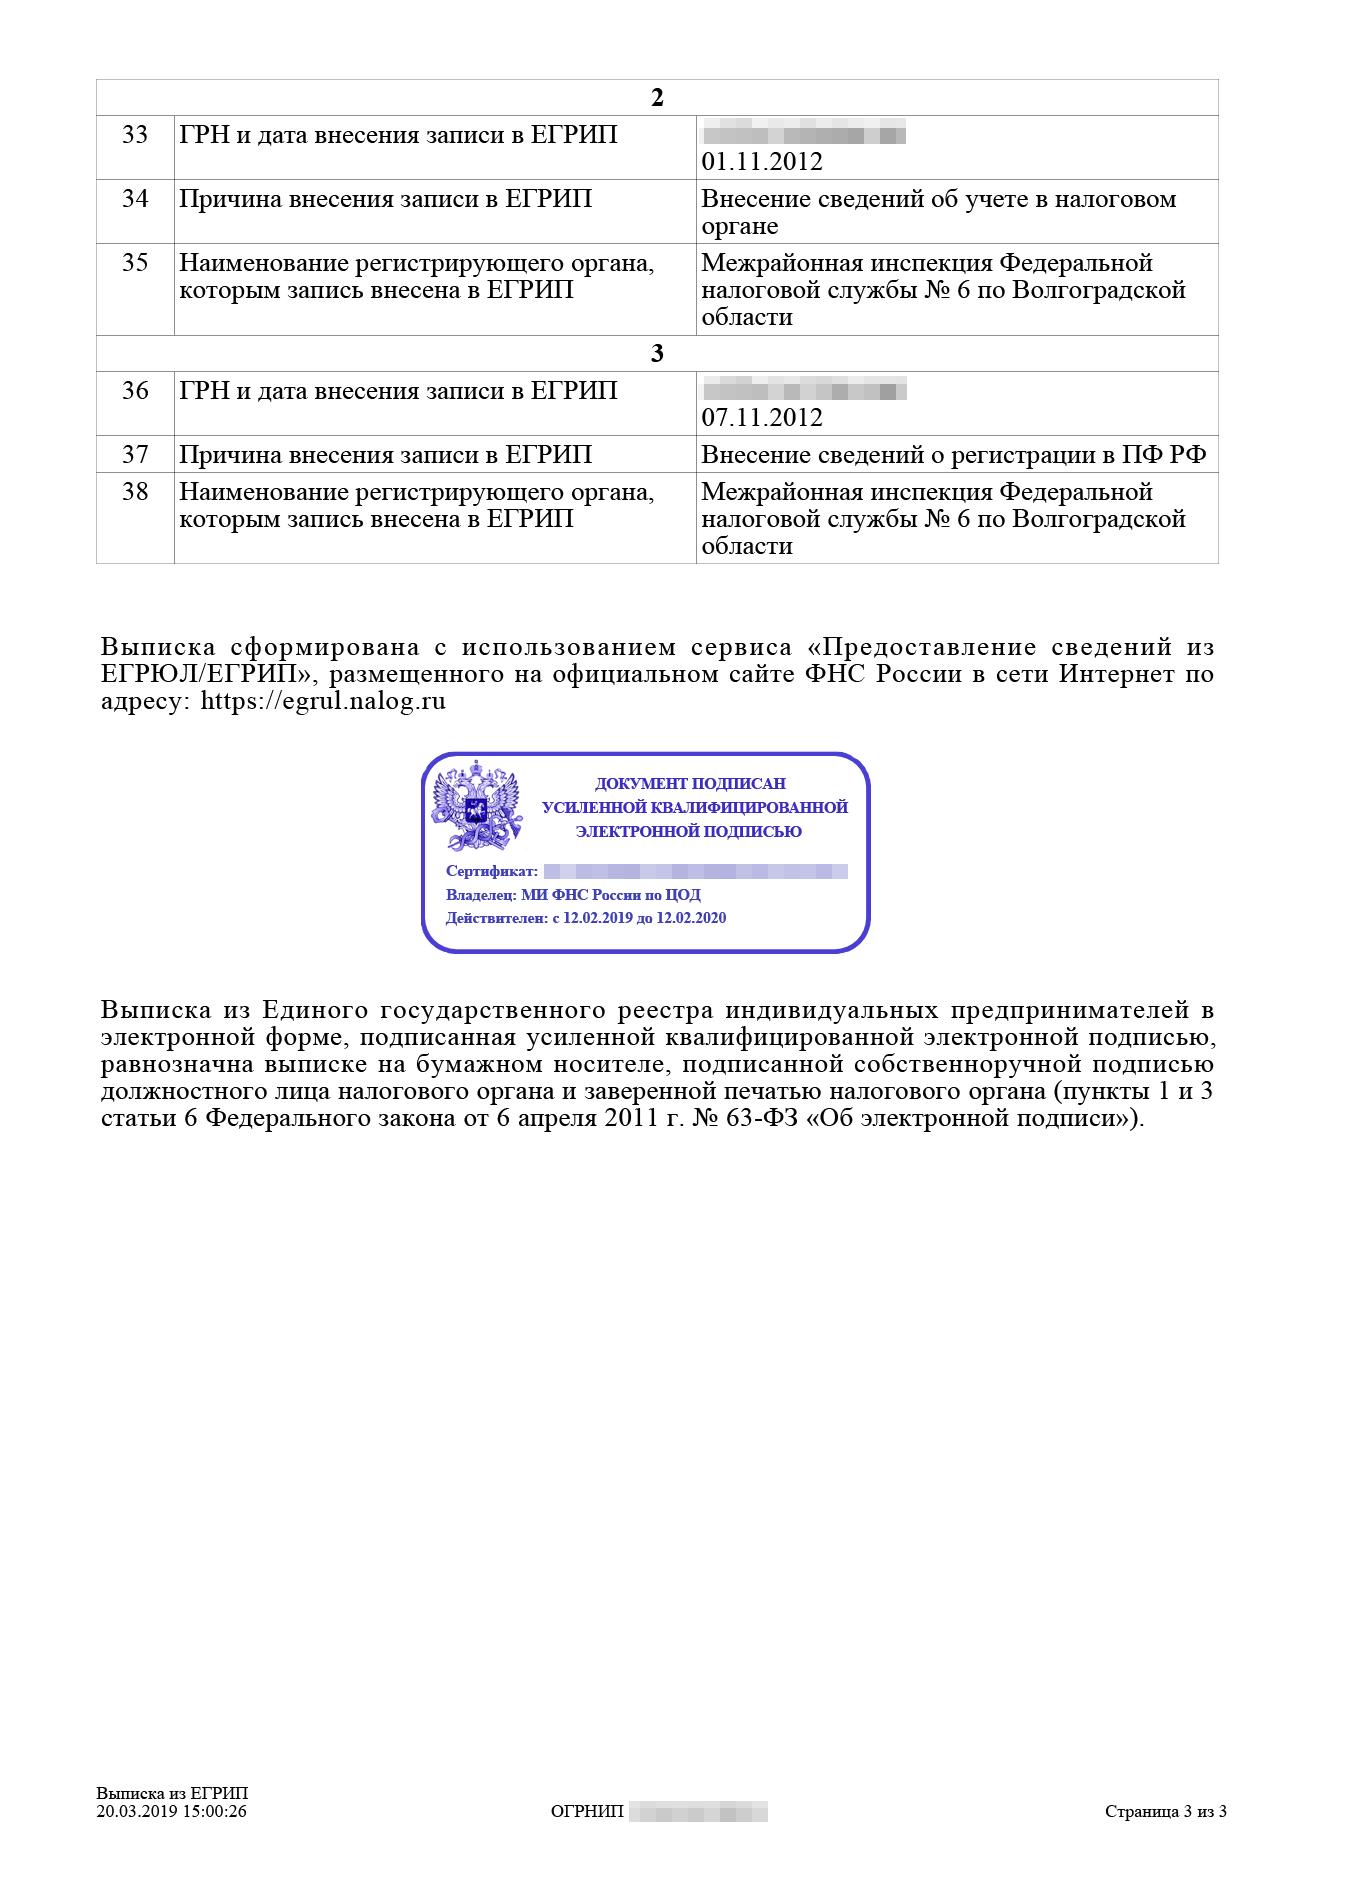 Последняя страница выписки из ЕГРИП с электронной подписью